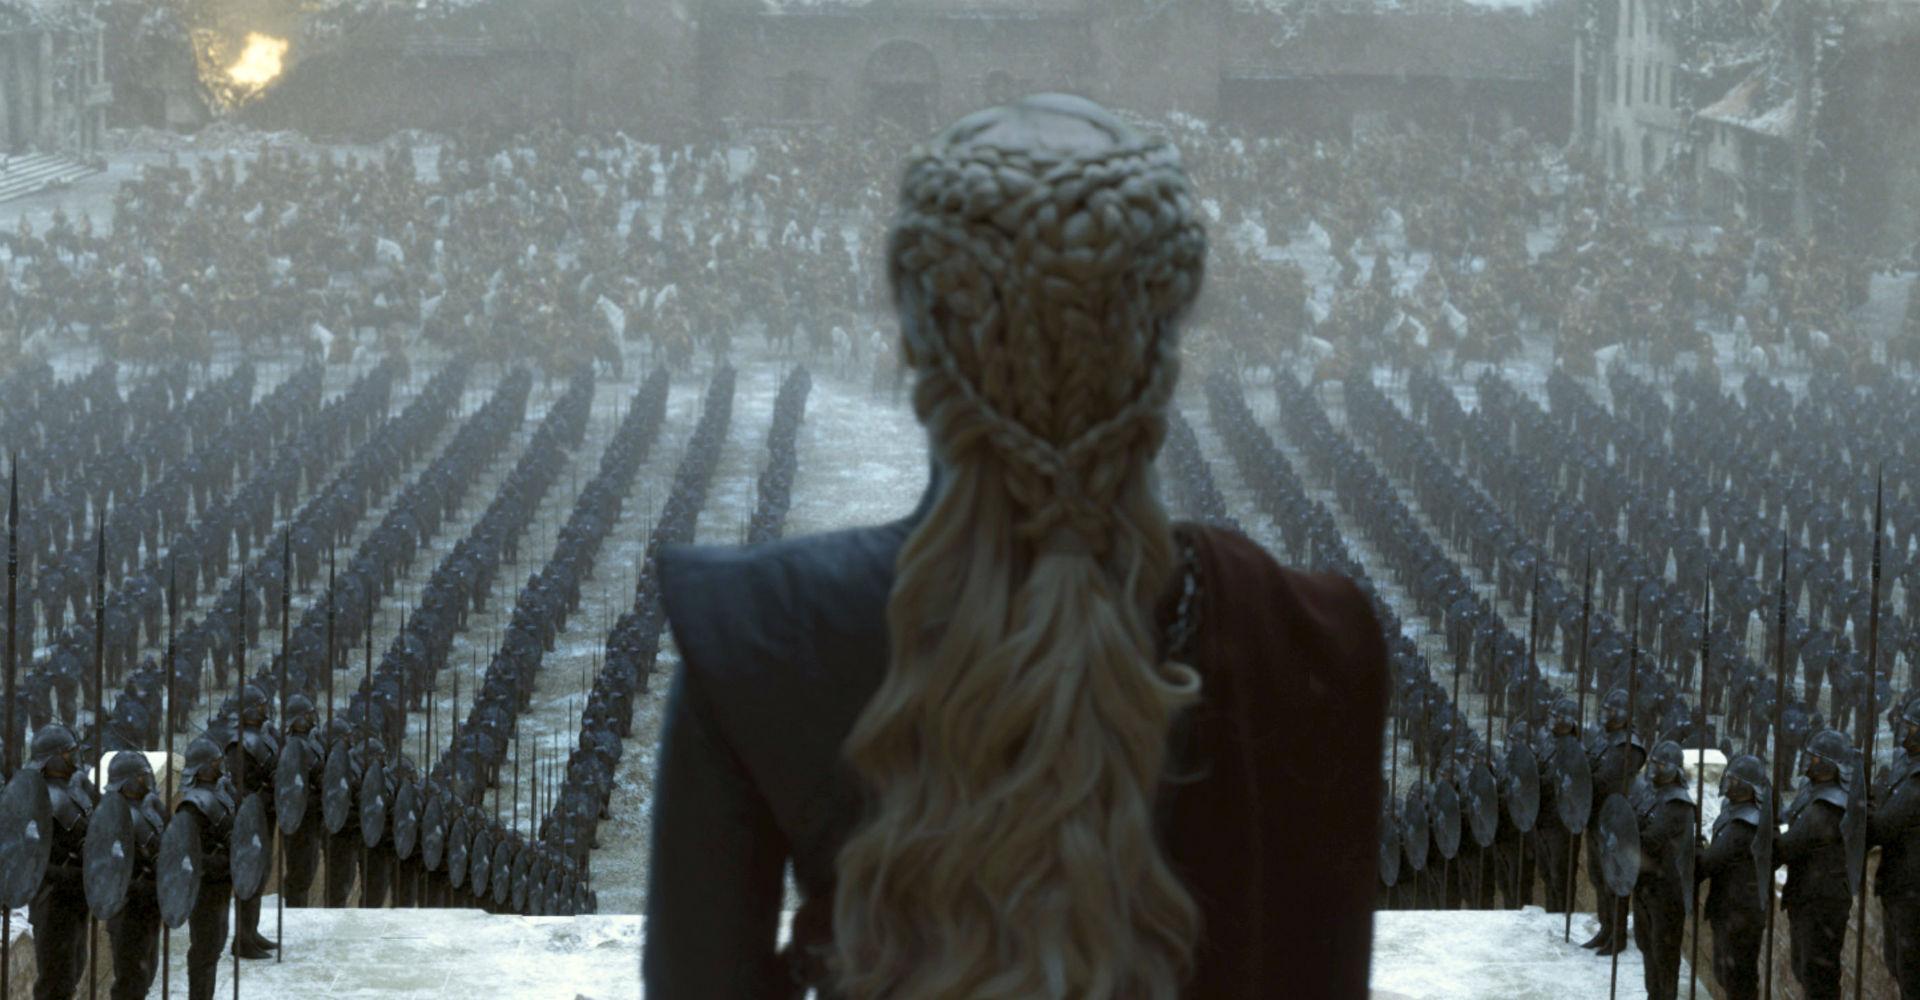 """Szenenbild mit Danaerys in der letzten Episode von """"Game of Thrones""""."""